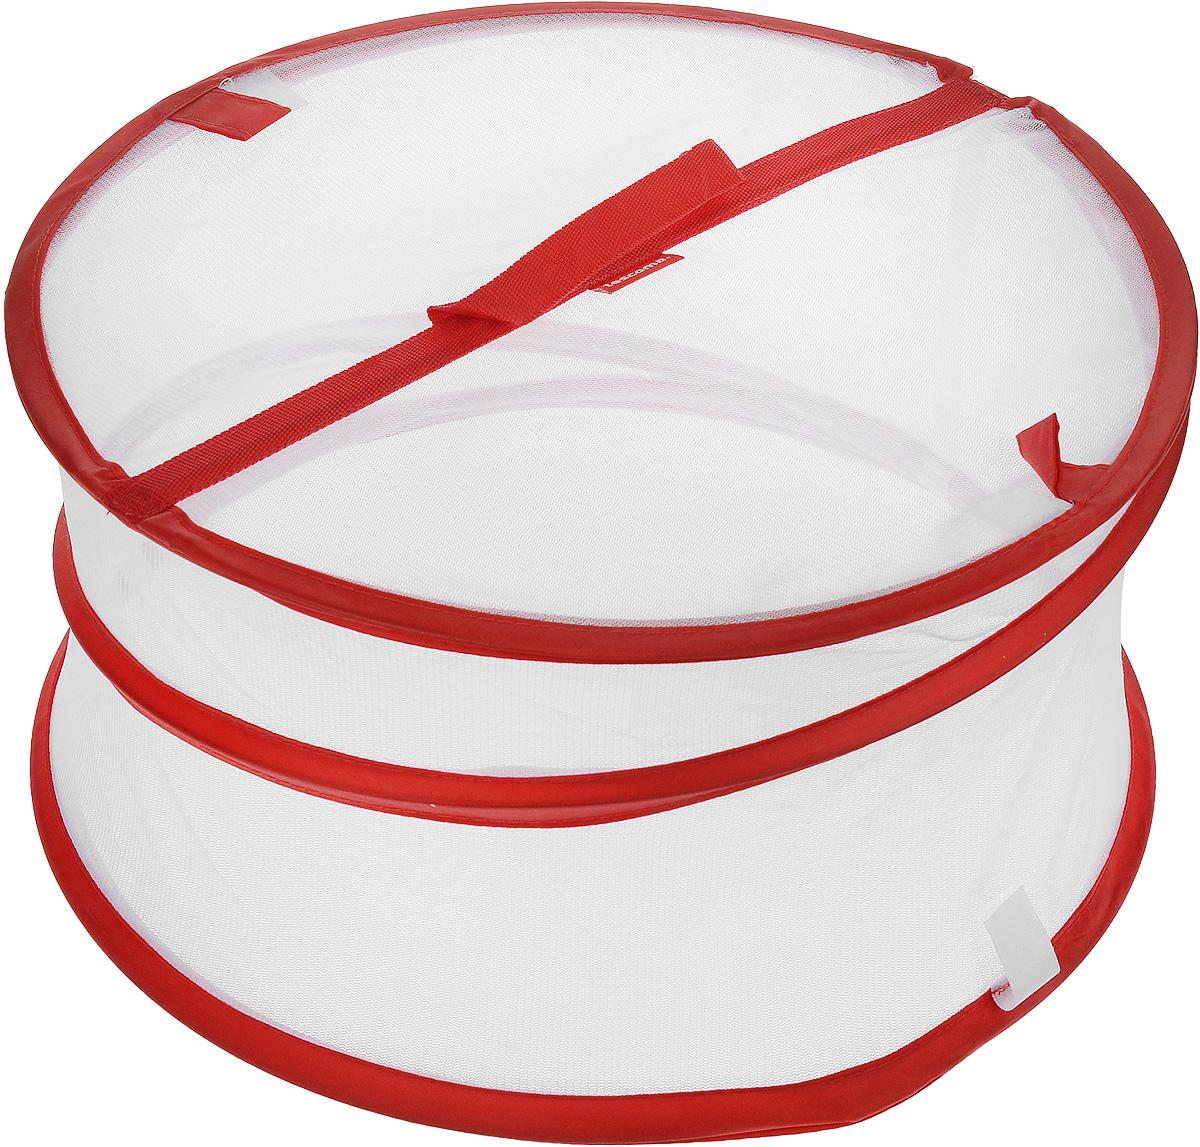 Крышка для пищевых продуктов Tescoma Delicia, складная, цвет: белый, красный, диаметр 35 см54 009312Крышка для пищевых продуктов Tescoma Delicia защитит еду от пыли и насекомых дома и на открытом воздухе. Крышка изготовлена из сетчатого текстиля и оснащена гибким металлическим каркасом. Просто составьте посуду с едой и накройте ее крышкой. Для легкого доступа изделие снабжено откидным верхом на липучке. Крышка легко складывается и раскладывается, при хранении занимает минимум пространства. Высота в разложенном виде: 20 см. Высота в сложенном виде: 1 см.